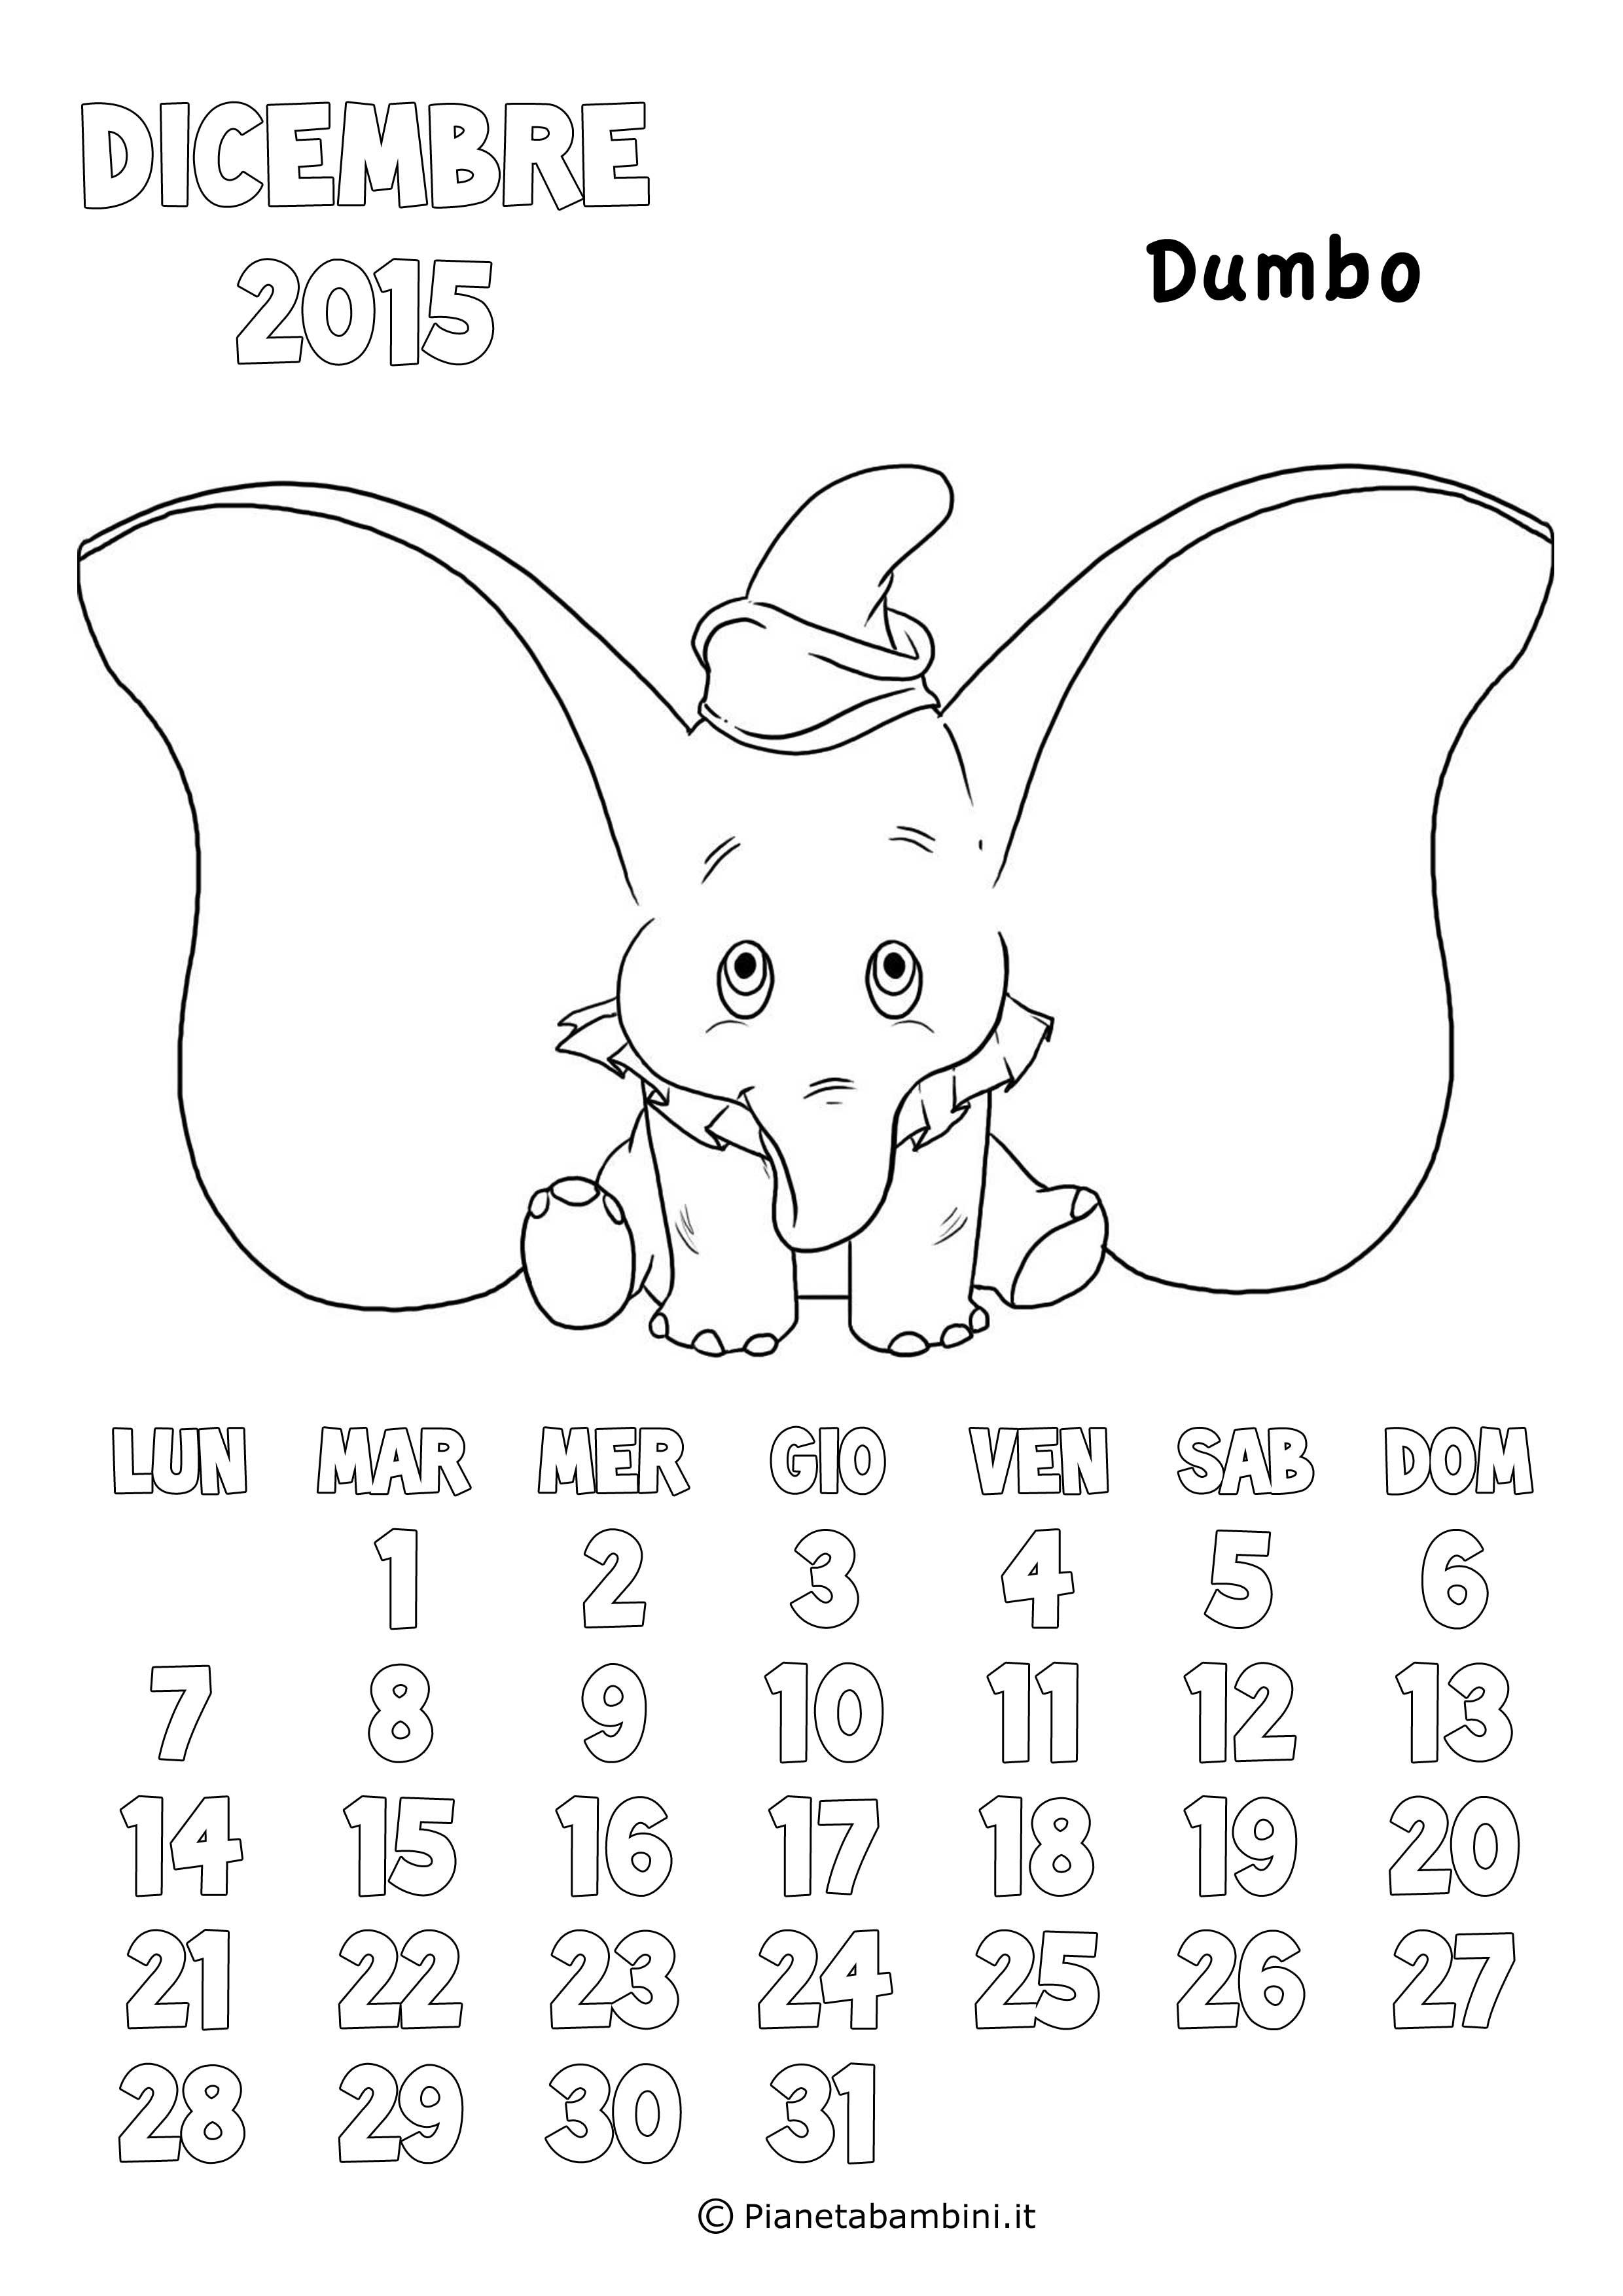 Dicembre-2015-Dumbo